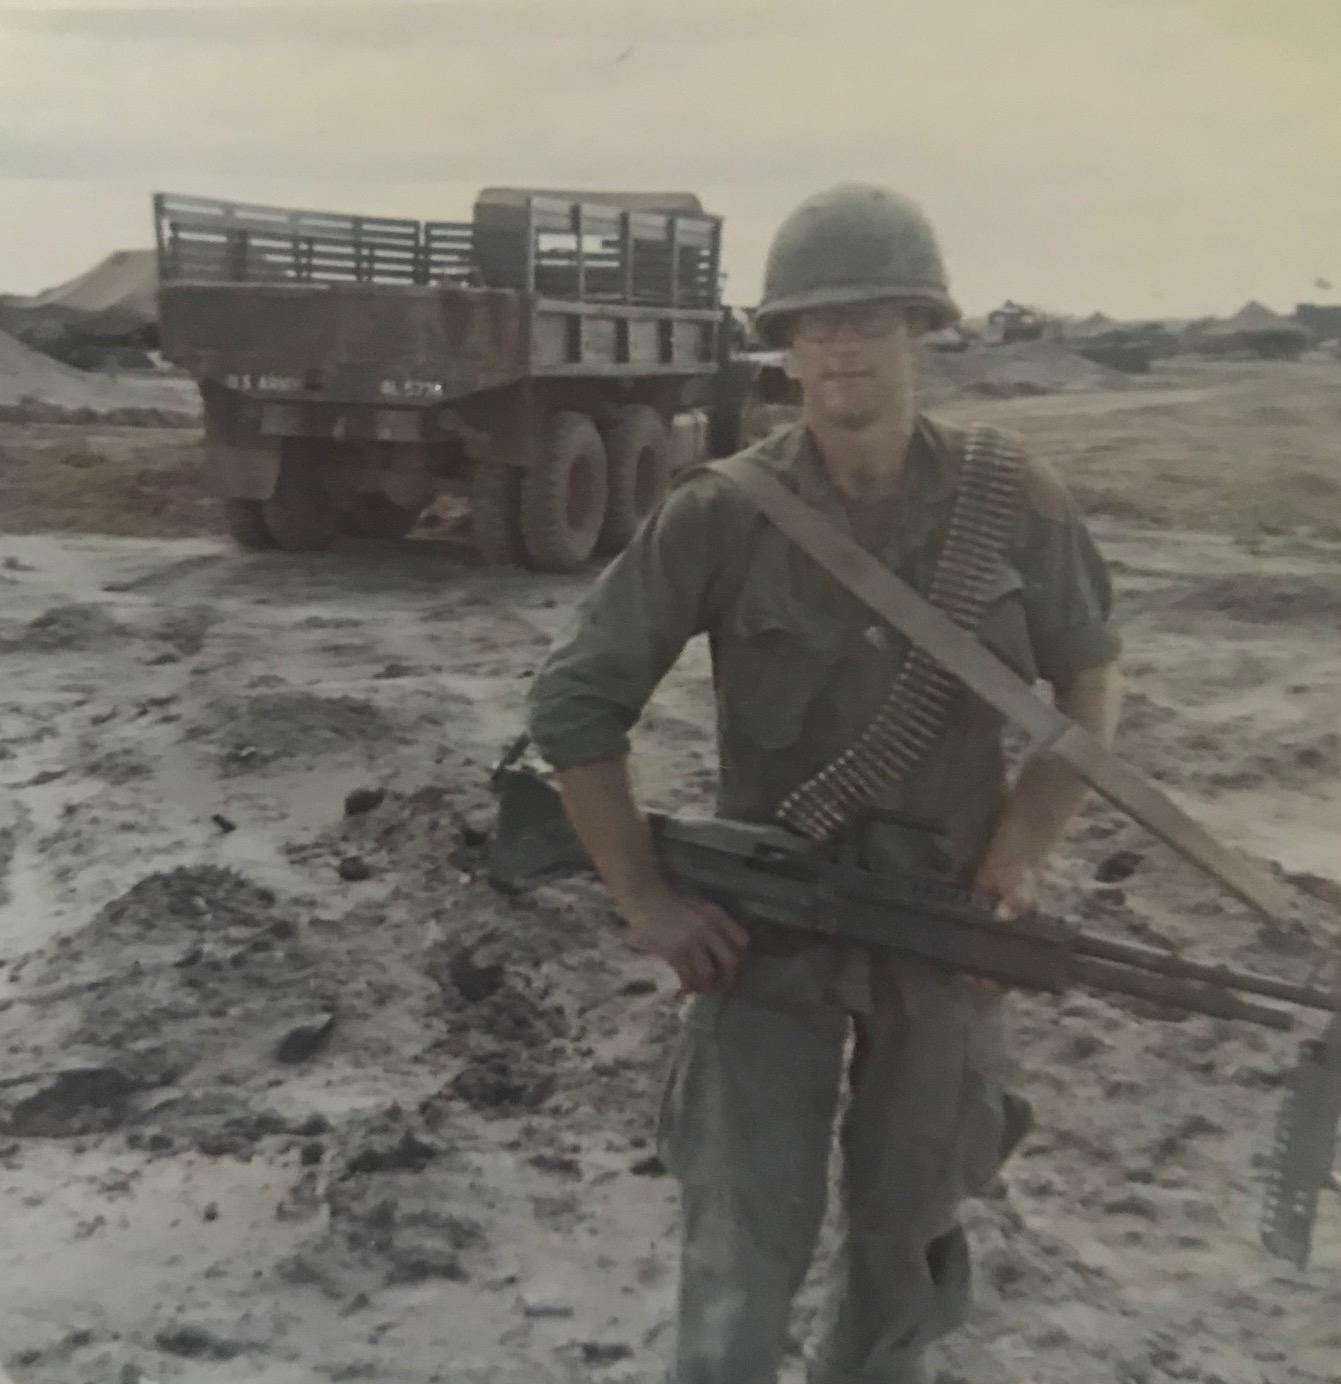 Dave Himmer in Vietnam with an M60 machine gun